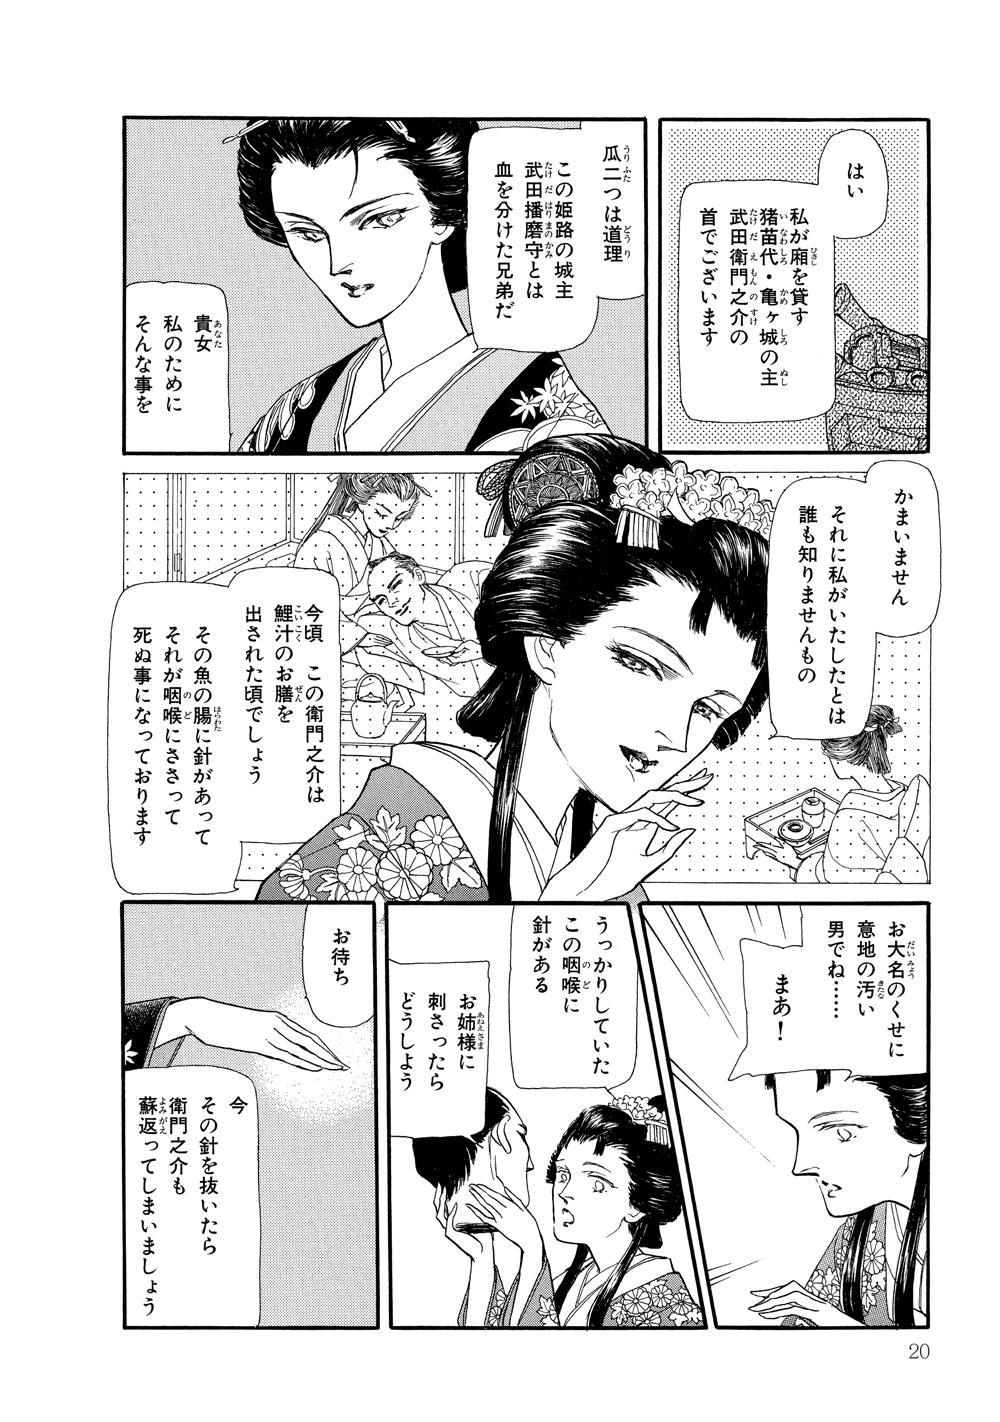 鏡花夢幻01_020.jpg